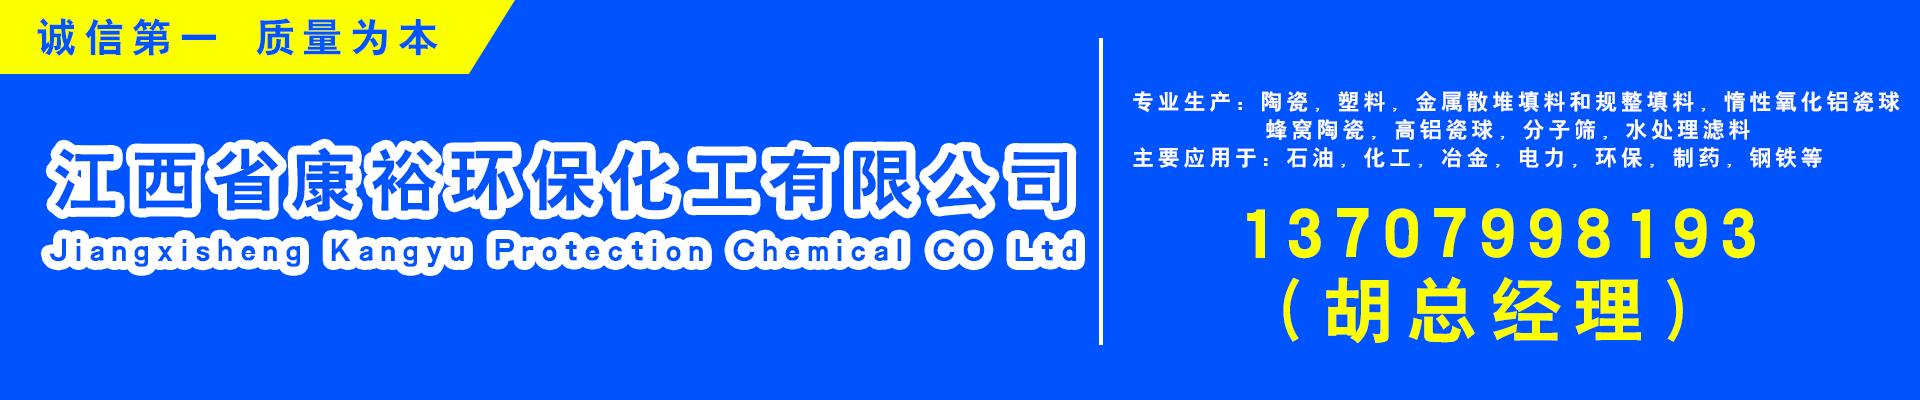 江西省康裕环保化工有限公司